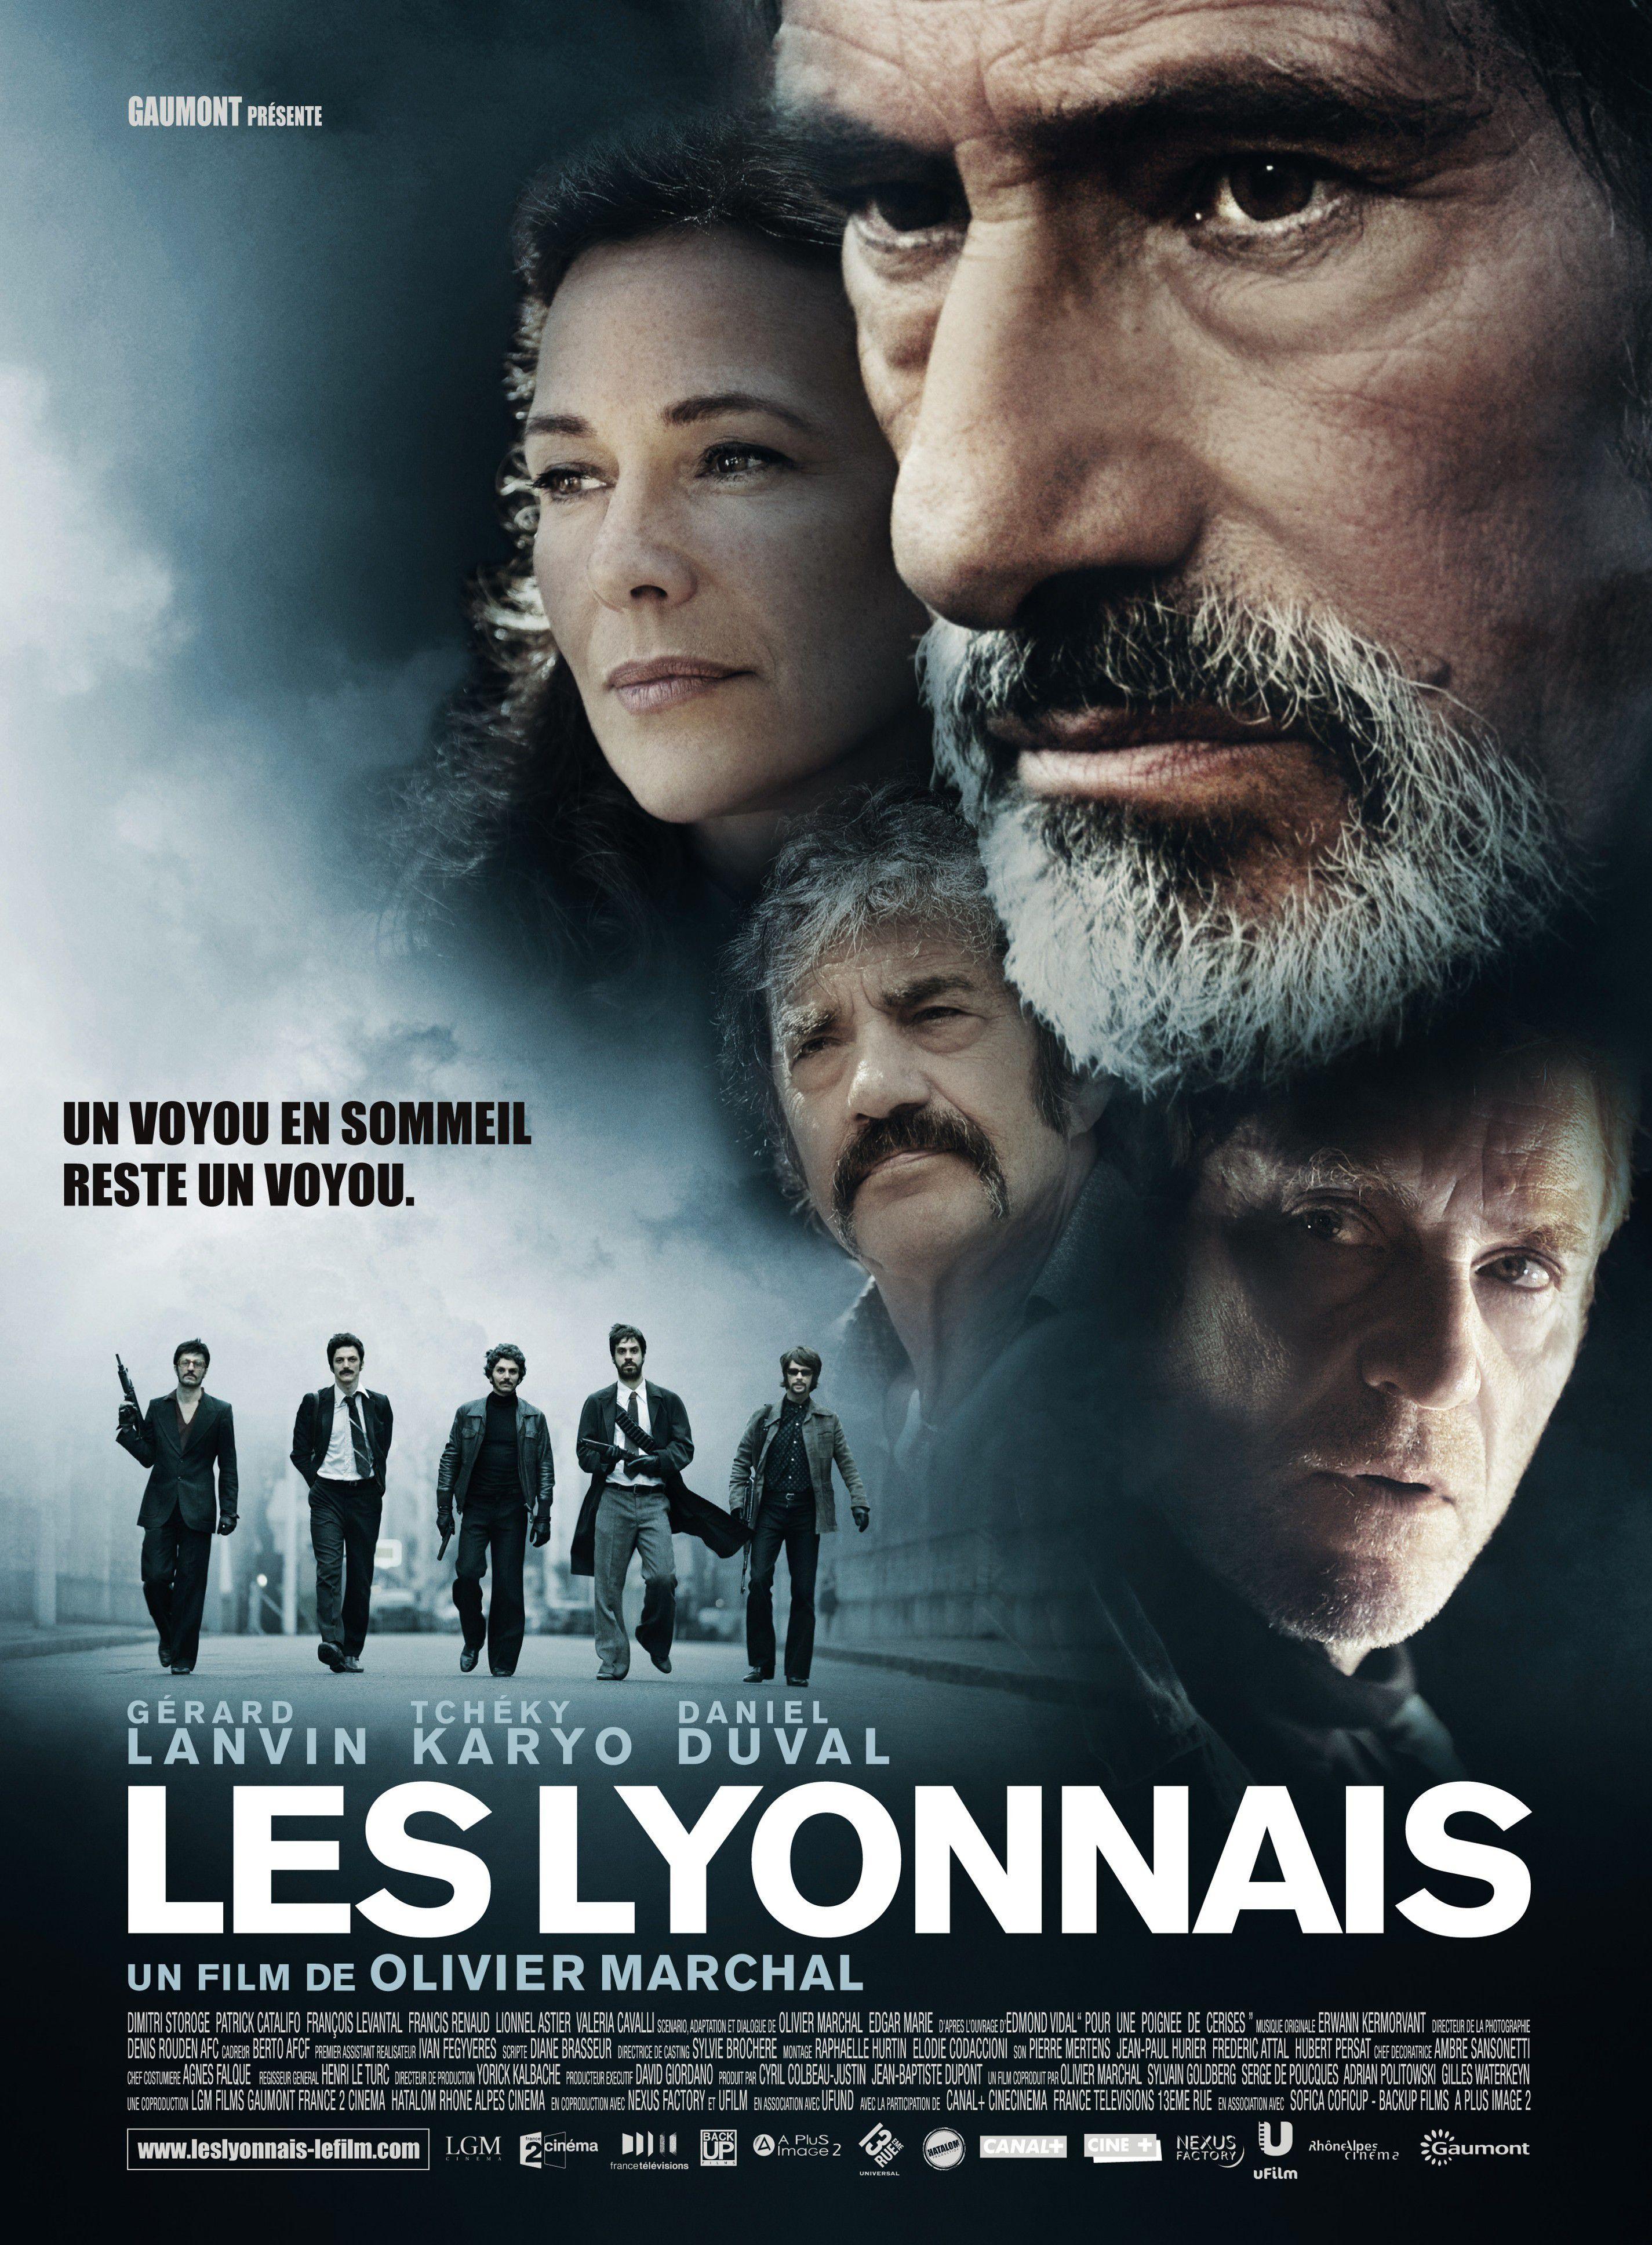 Les Lyonnais - Film (2011)